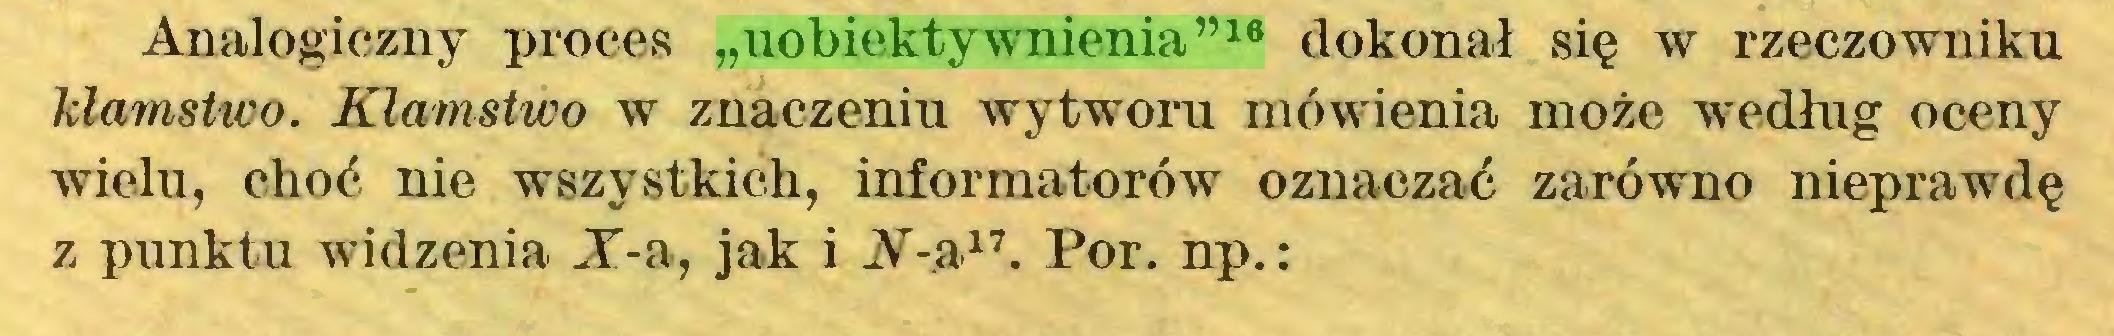 """(...) Analogiczny proces """"uobiektywnienia""""16 dokonał się w rzeczowniku kłamstwo. Kłamstwo w znaczeniu wytworu mówienia może według oceny wielu, choć nie wszystkich, informatorów oznaczać zarówno nieprawdę z punktu widzenia X-a, jak i N-a17. Por. np.:..."""